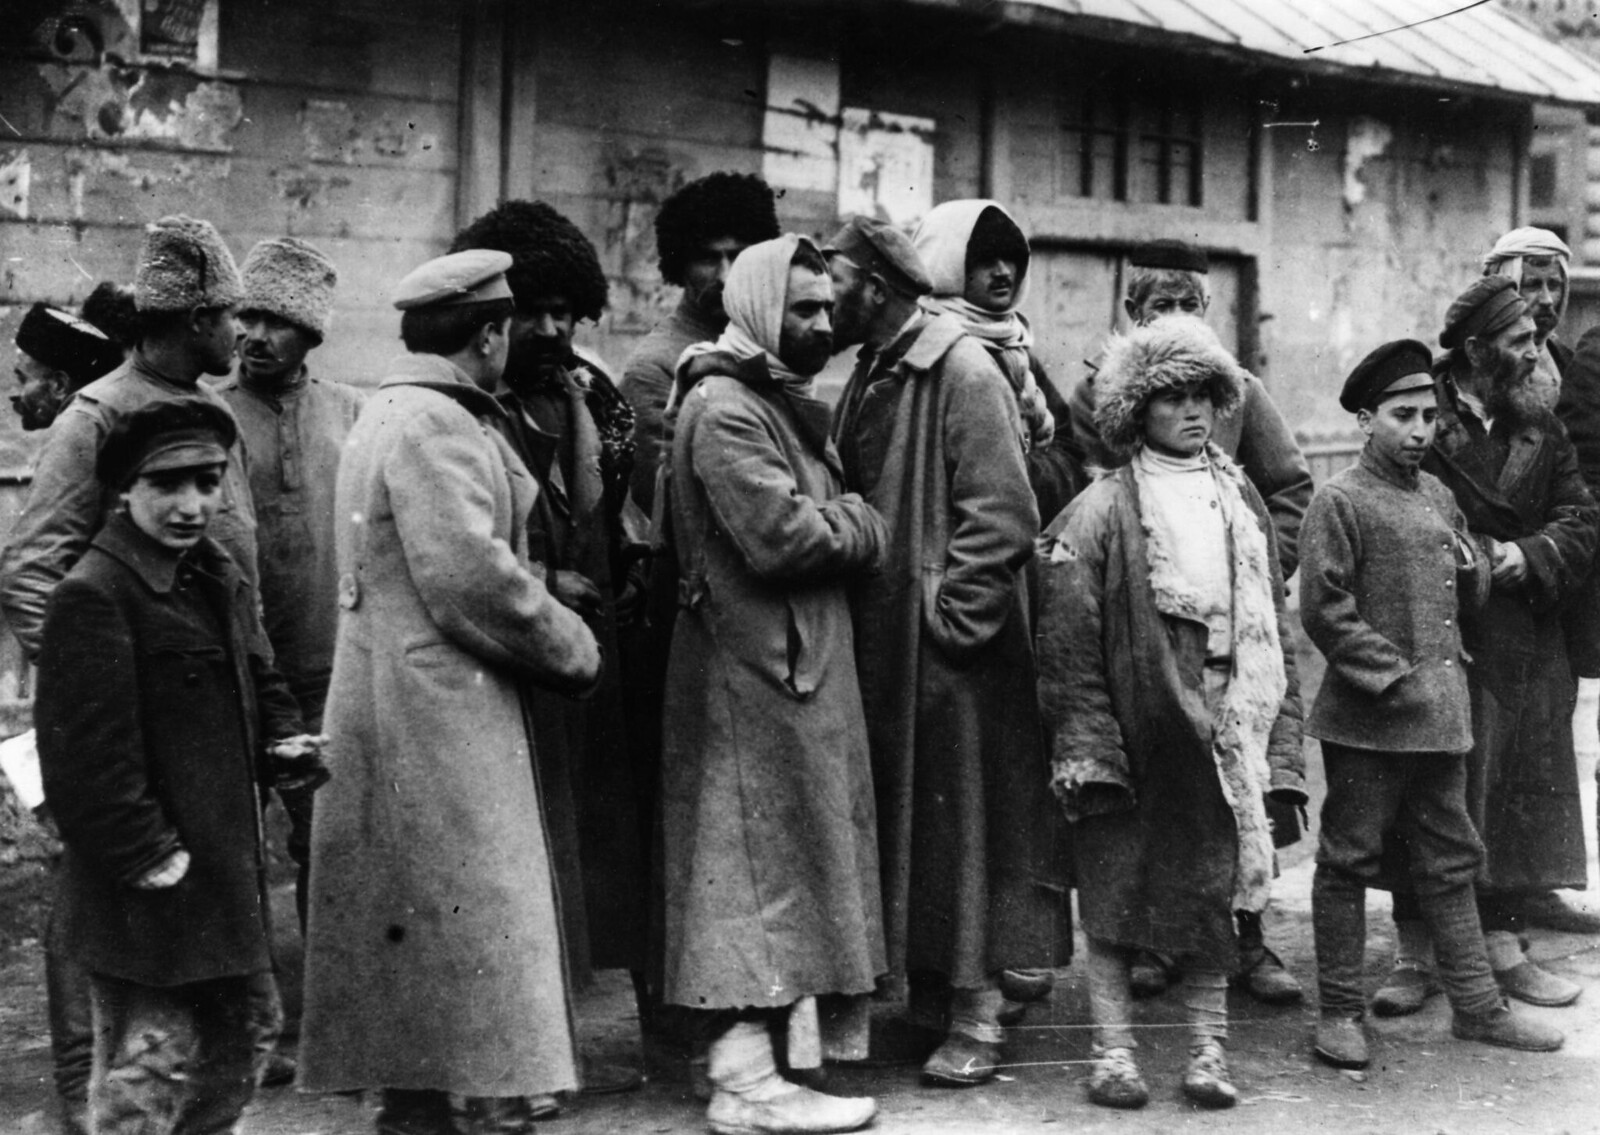 Группа беженцев из России на железнодорожной станции Тифлис. Январь 1920